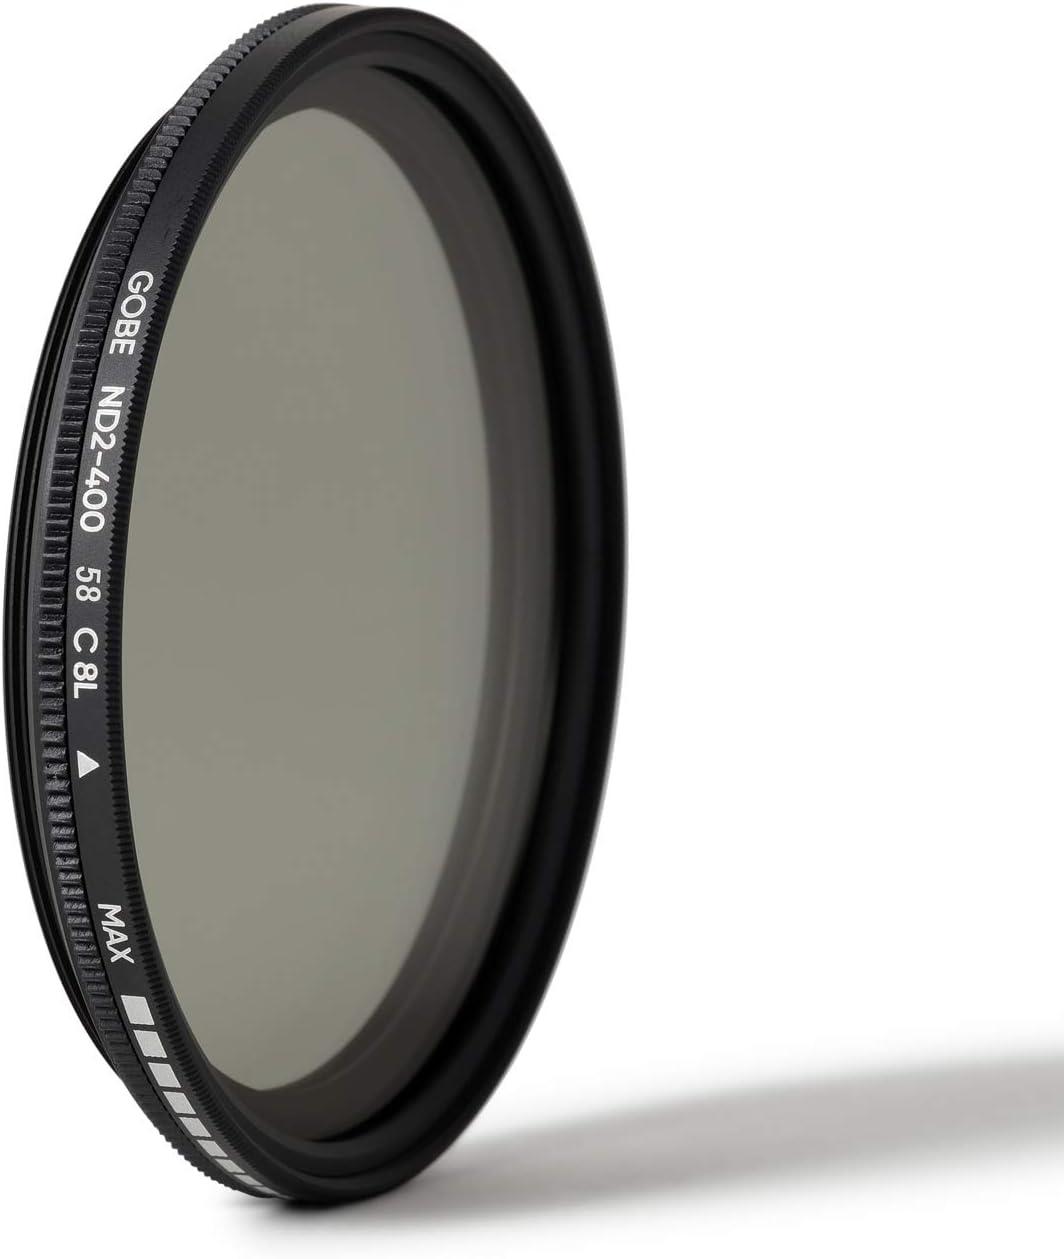 1Peak Gobe NDX 52mm Variable ND Lens Filter